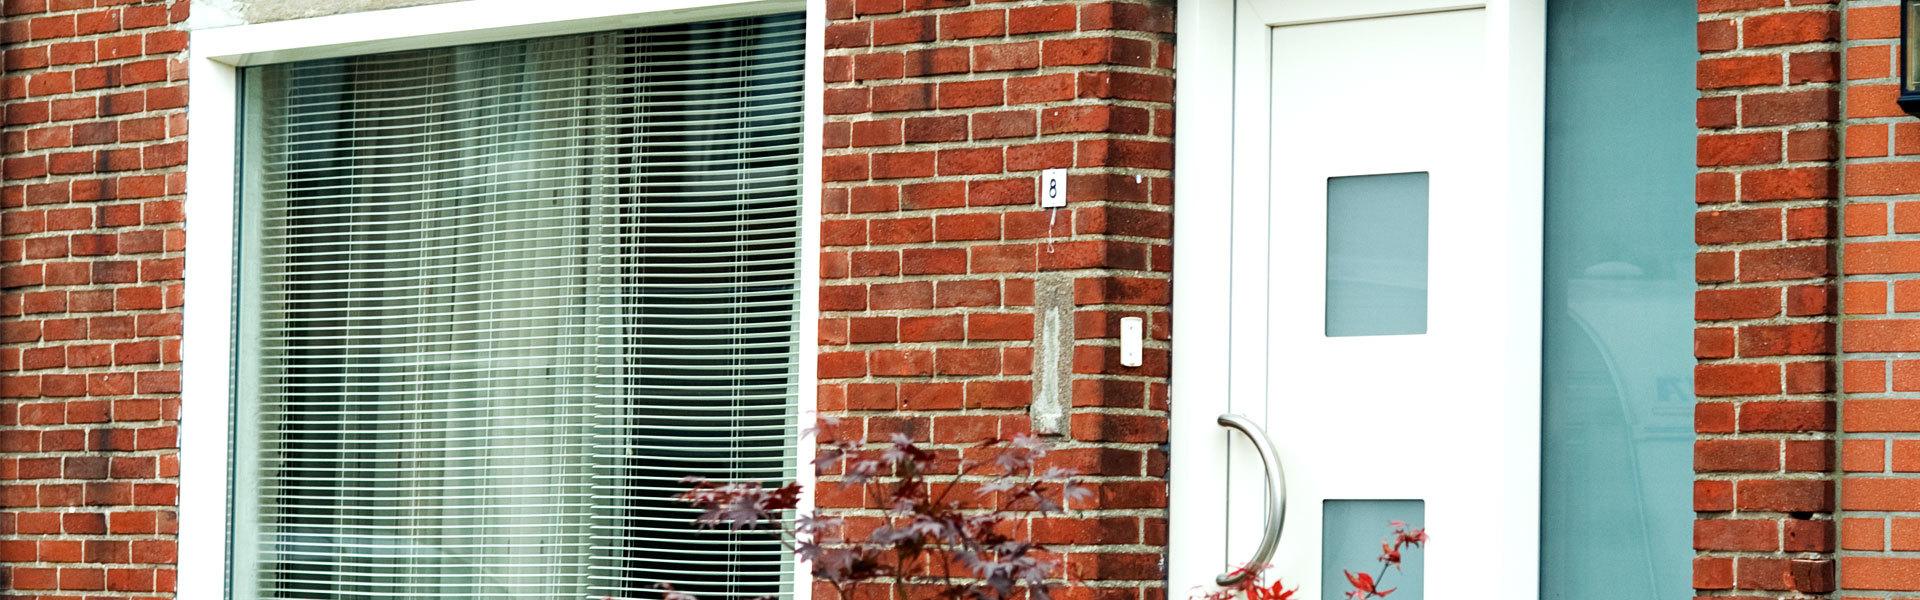 Nieuwe authentieke pvc voordeur